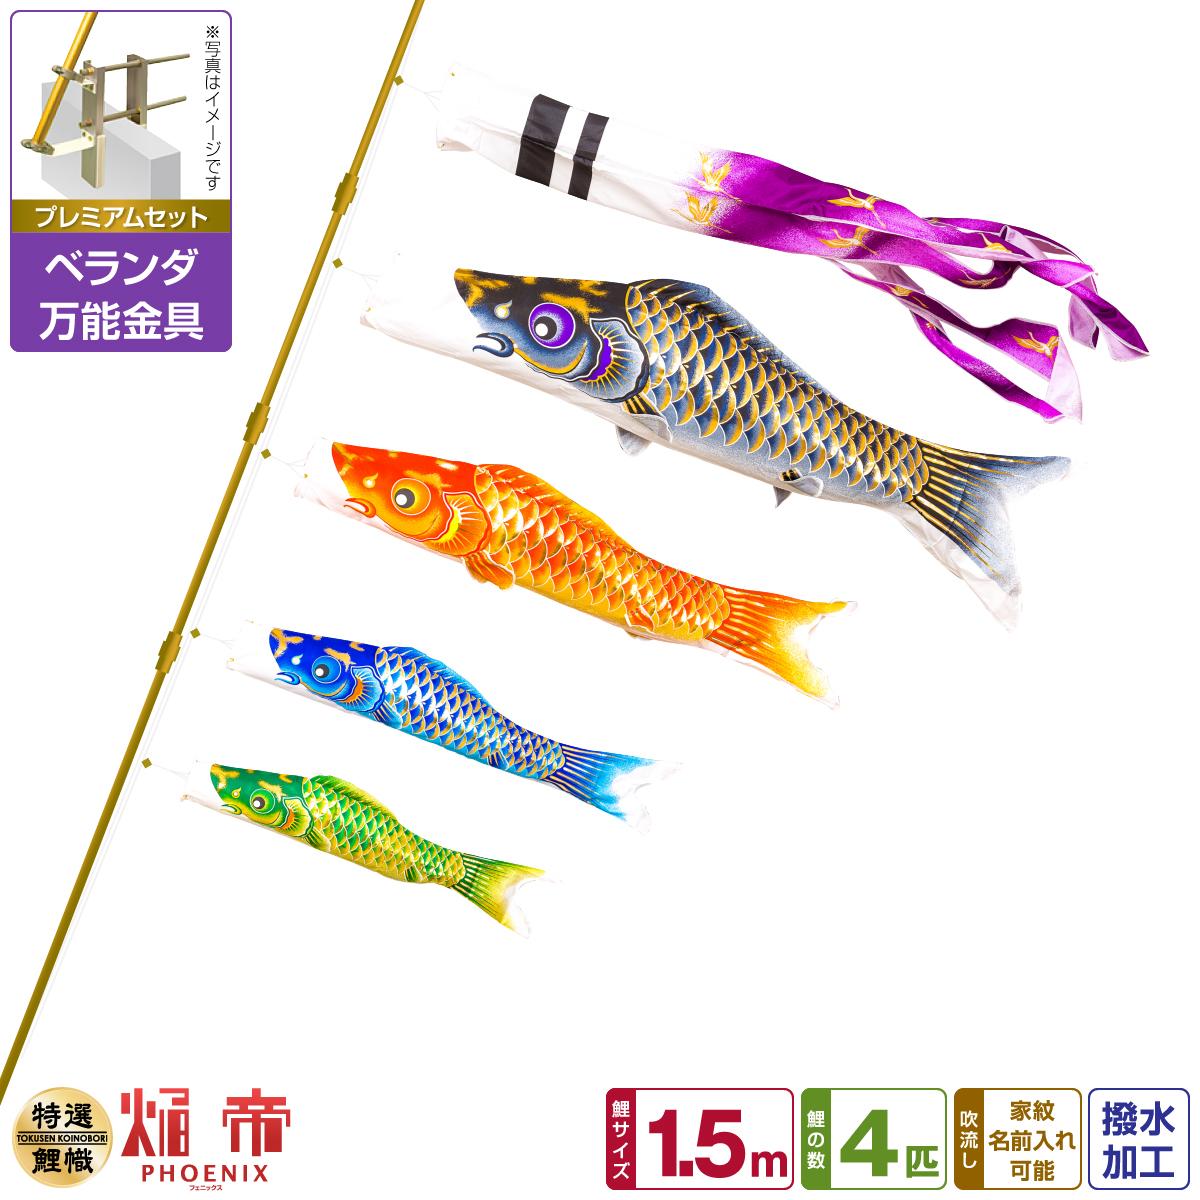 ベランダ用 こいのぼり 鯉のぼり 焔帝鯉フェニックス 1.5m 7点(吹流し+鯉4匹+矢車+ロープ)/プレミアムセット(万能取付金具)